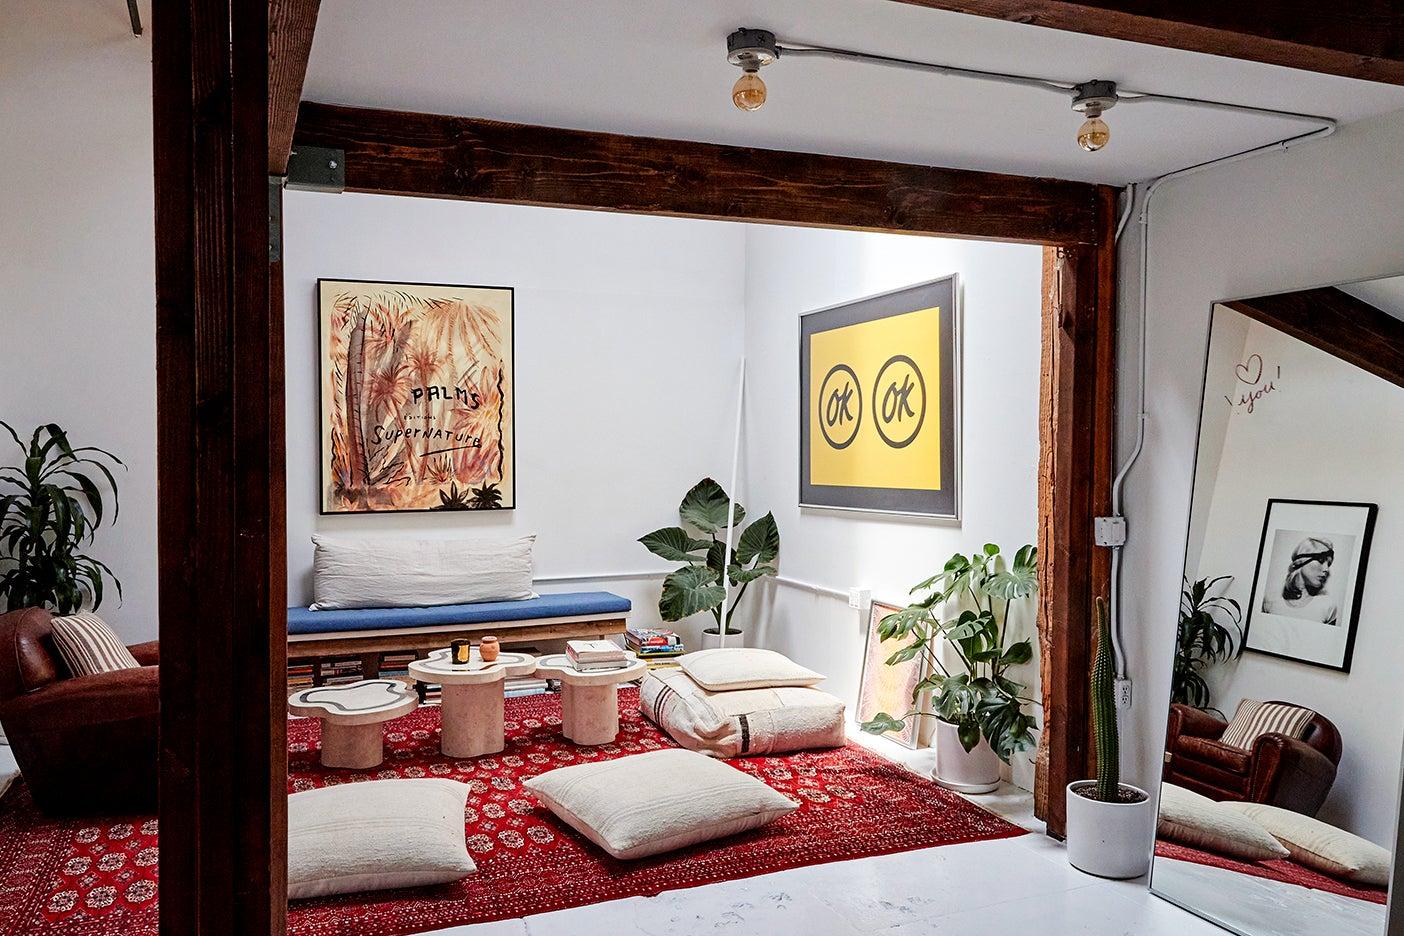 zen sitting area with floor cushions